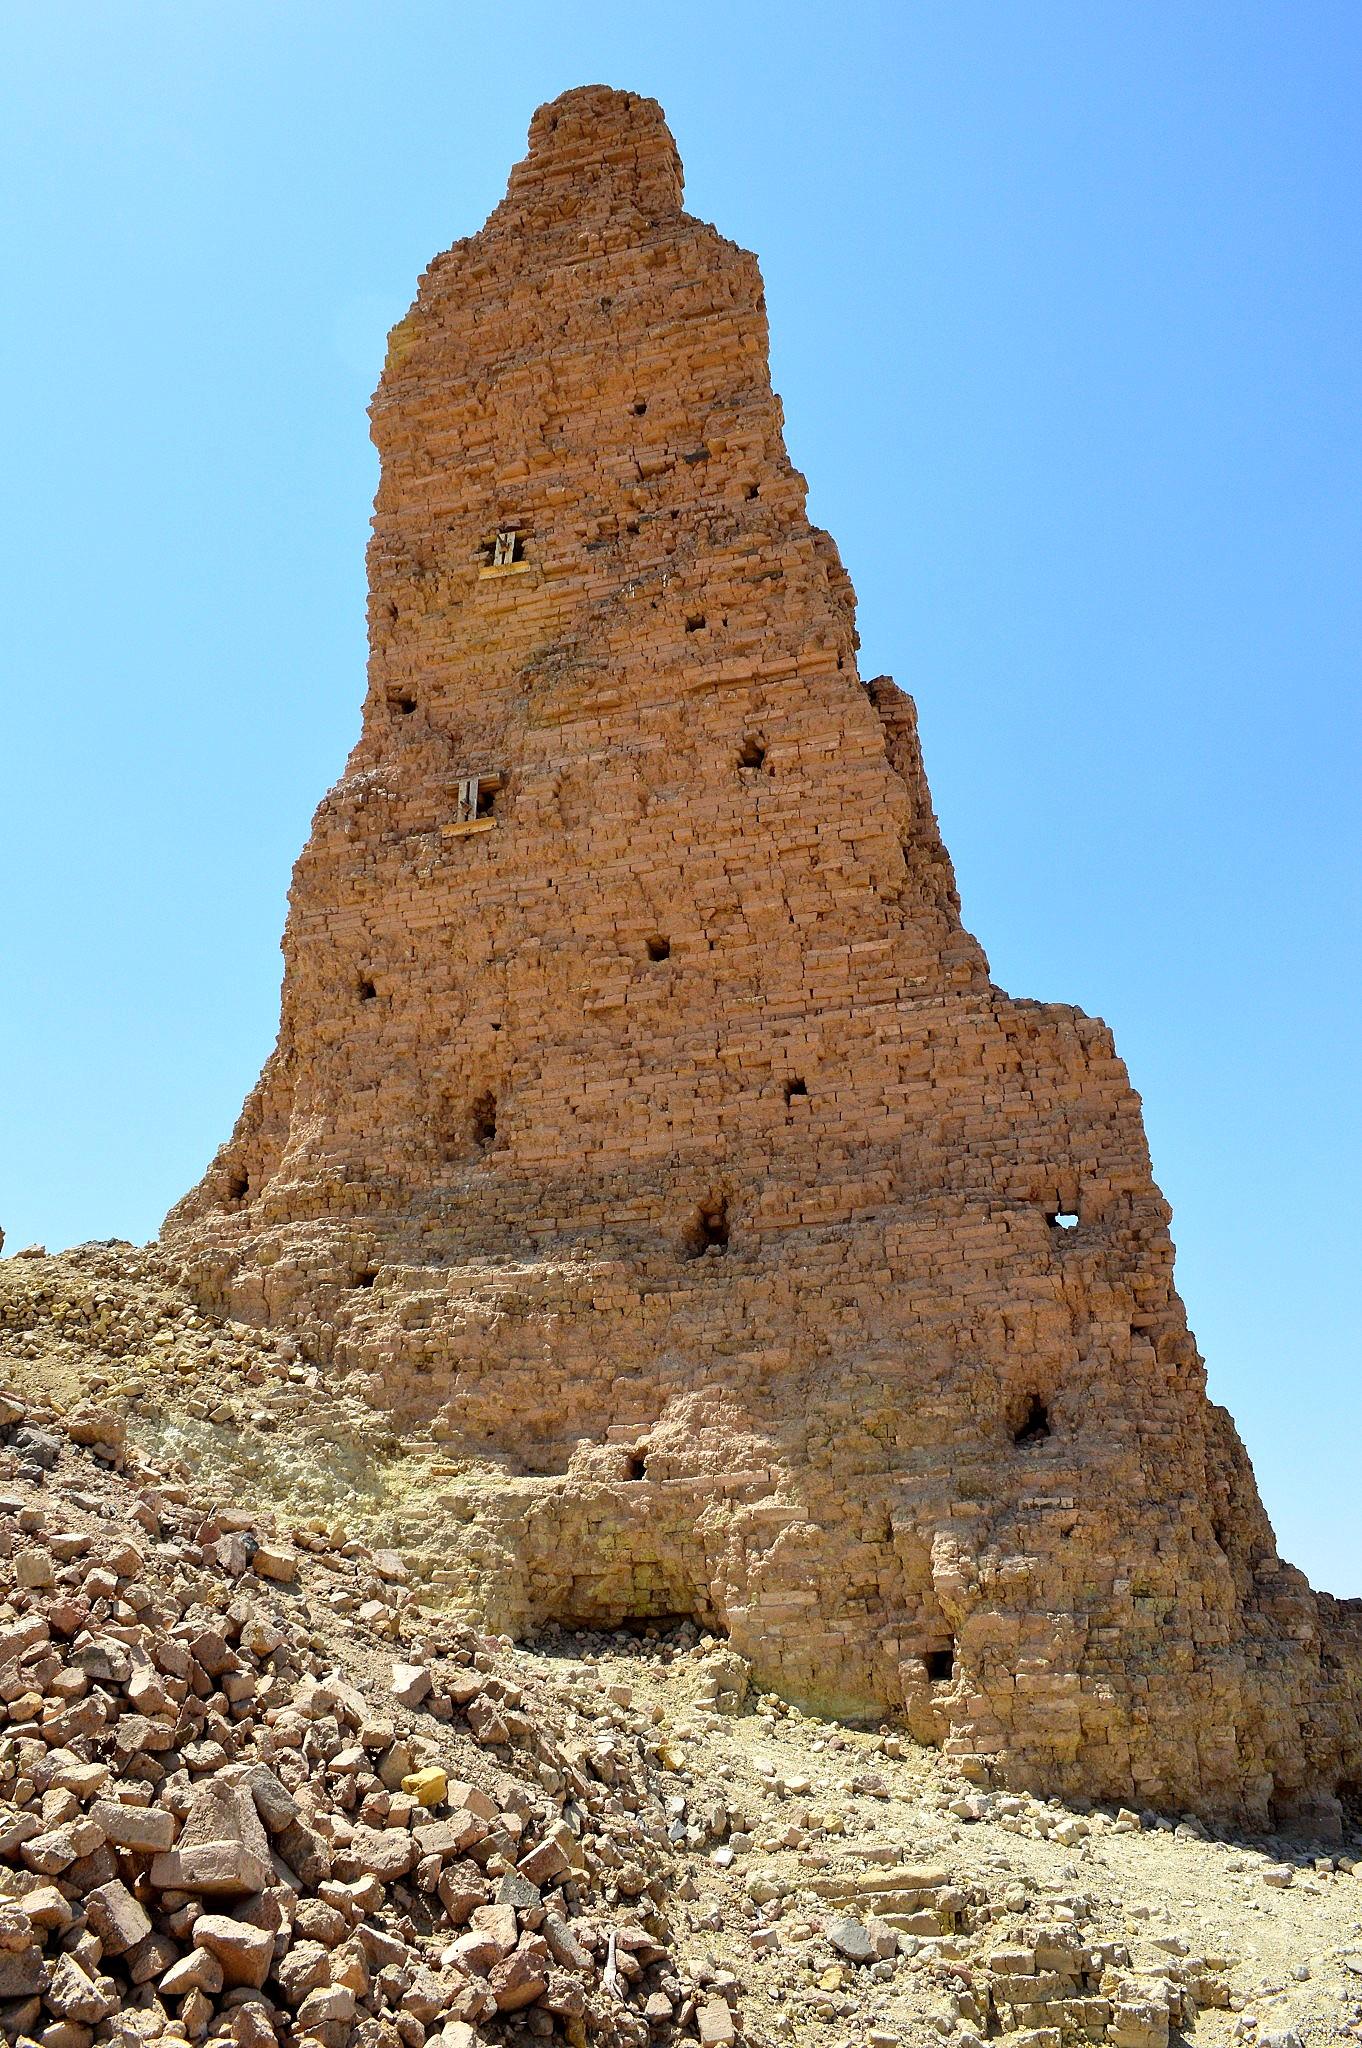 онлайн-каталоге вавилонская башня фото в наше время этом отеле есть